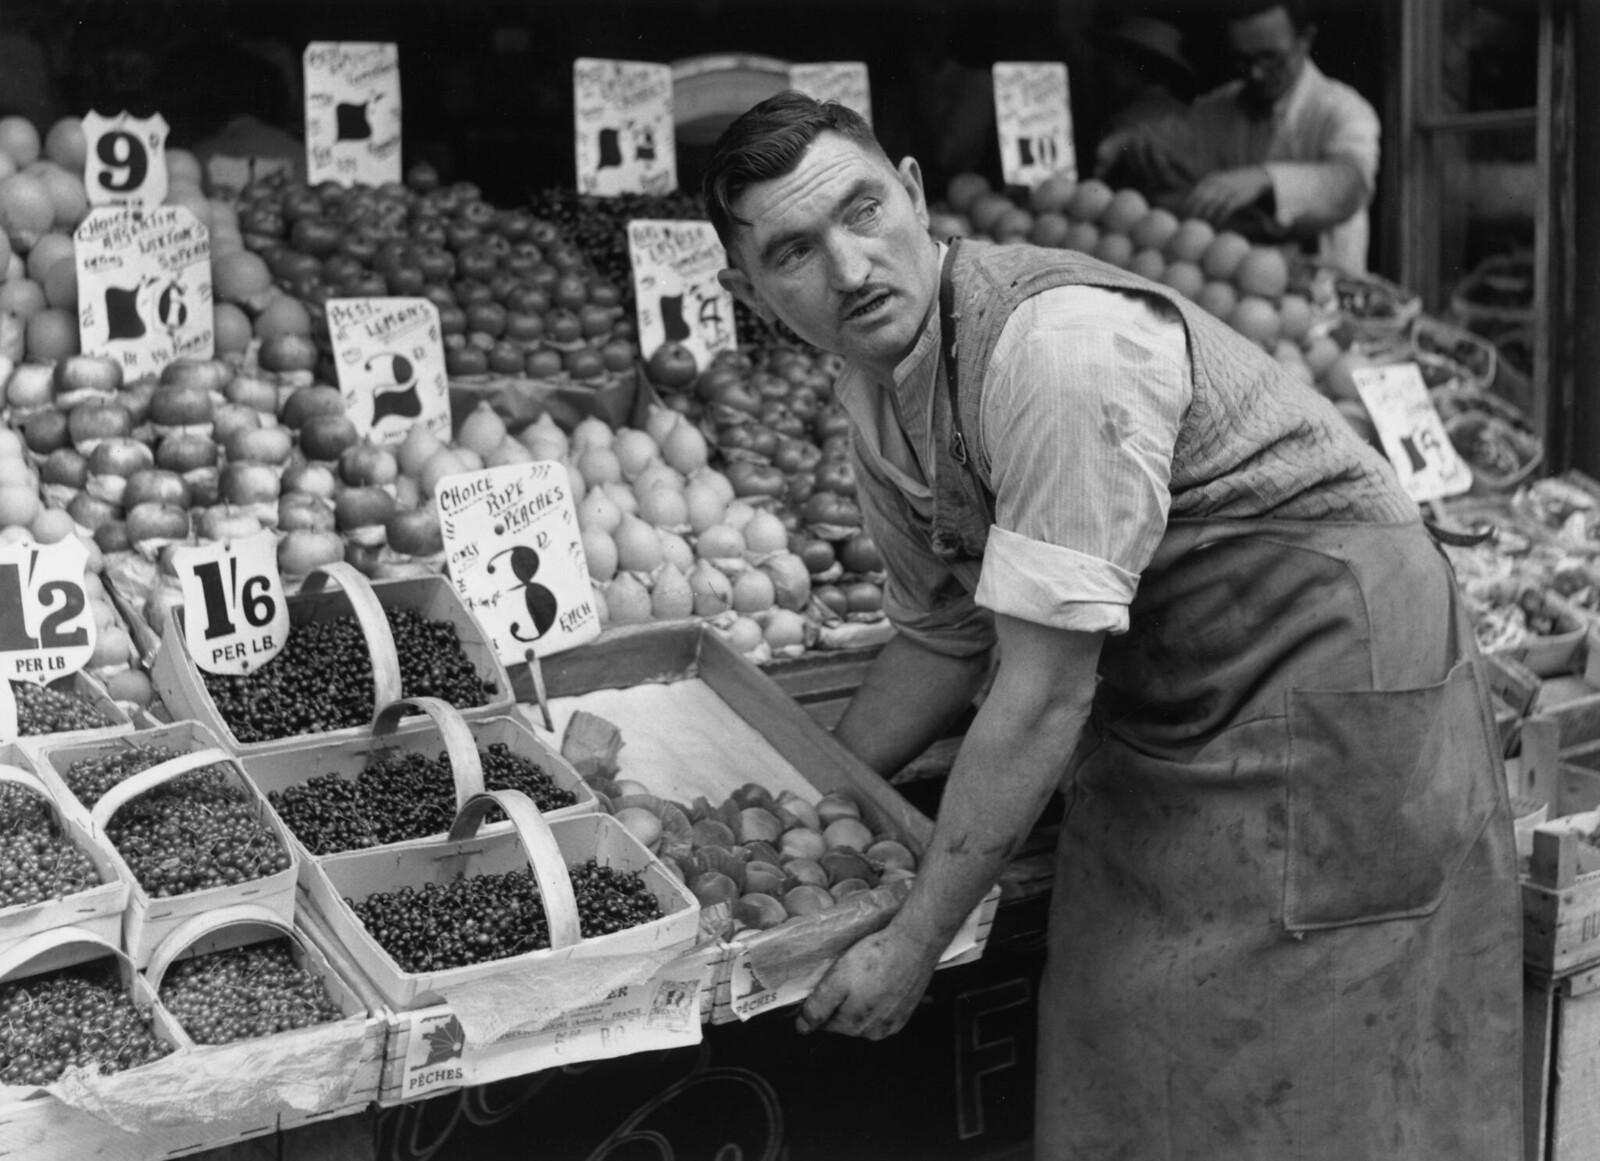 22. Мистер Пауэлл, владелец овощной лавки в лондонском Блэкхите, снижает цены на свою продукцию на треть, чтобы привлечь больше покупателей